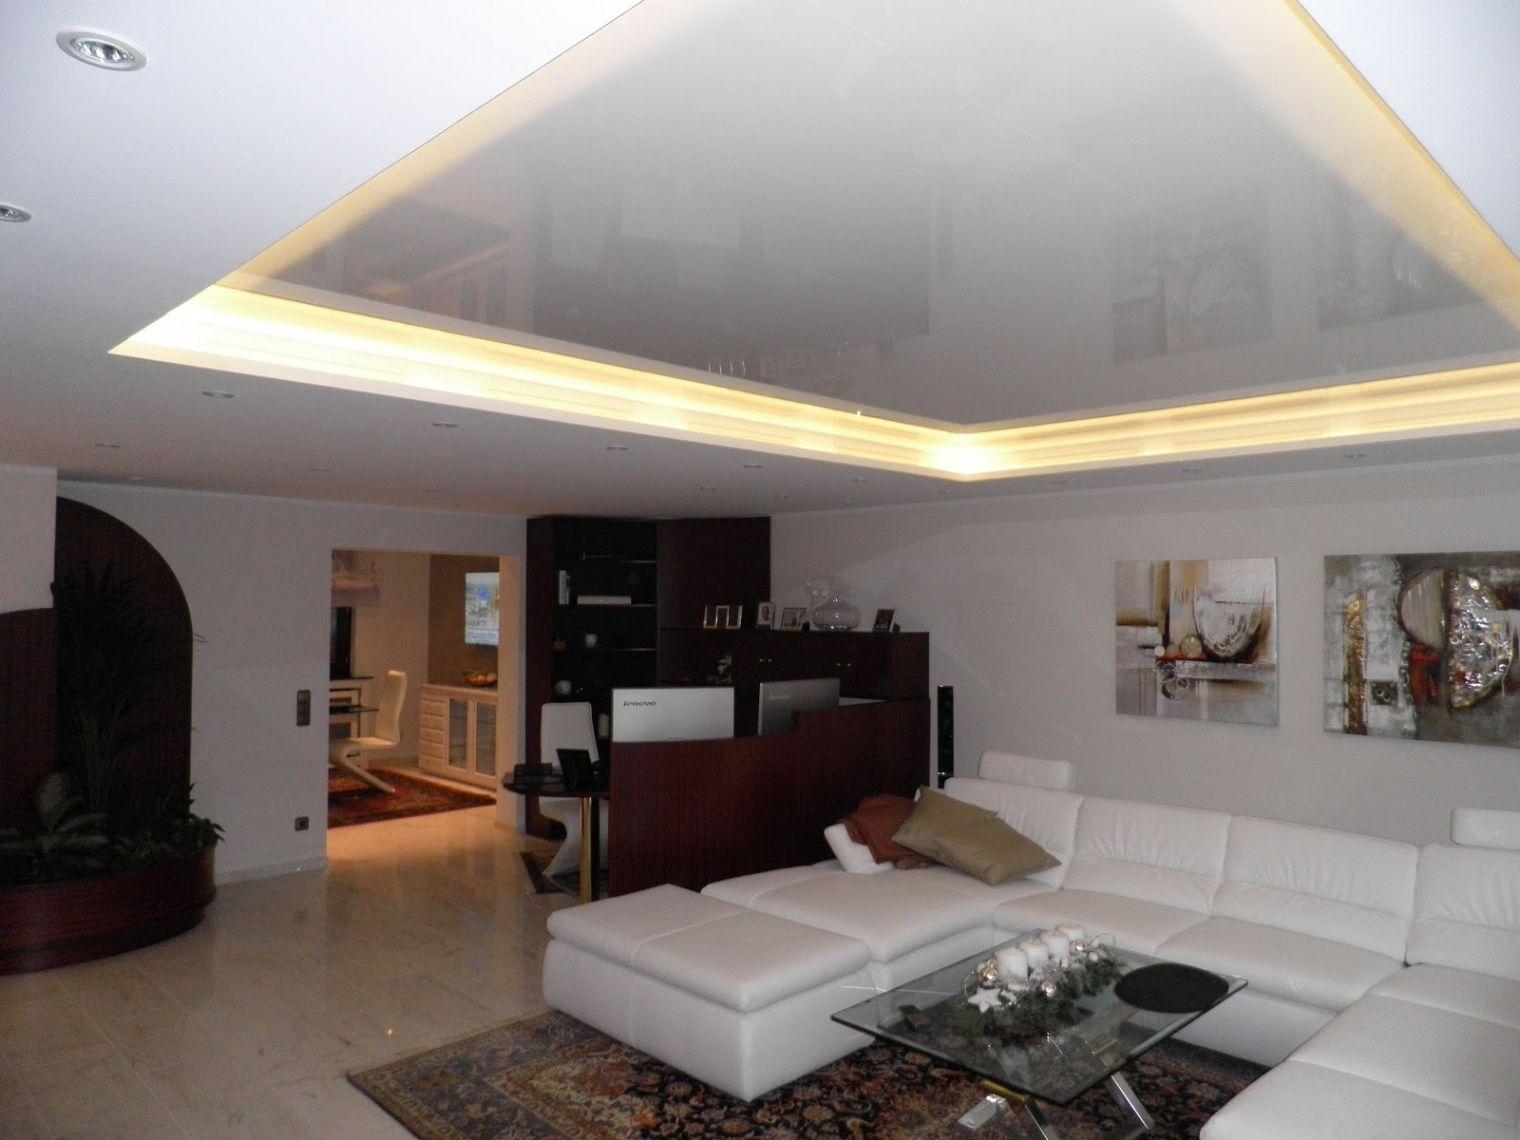 Lampenset Wohnzimmer ~ Best wohnzimmer lampen images sitting rooms